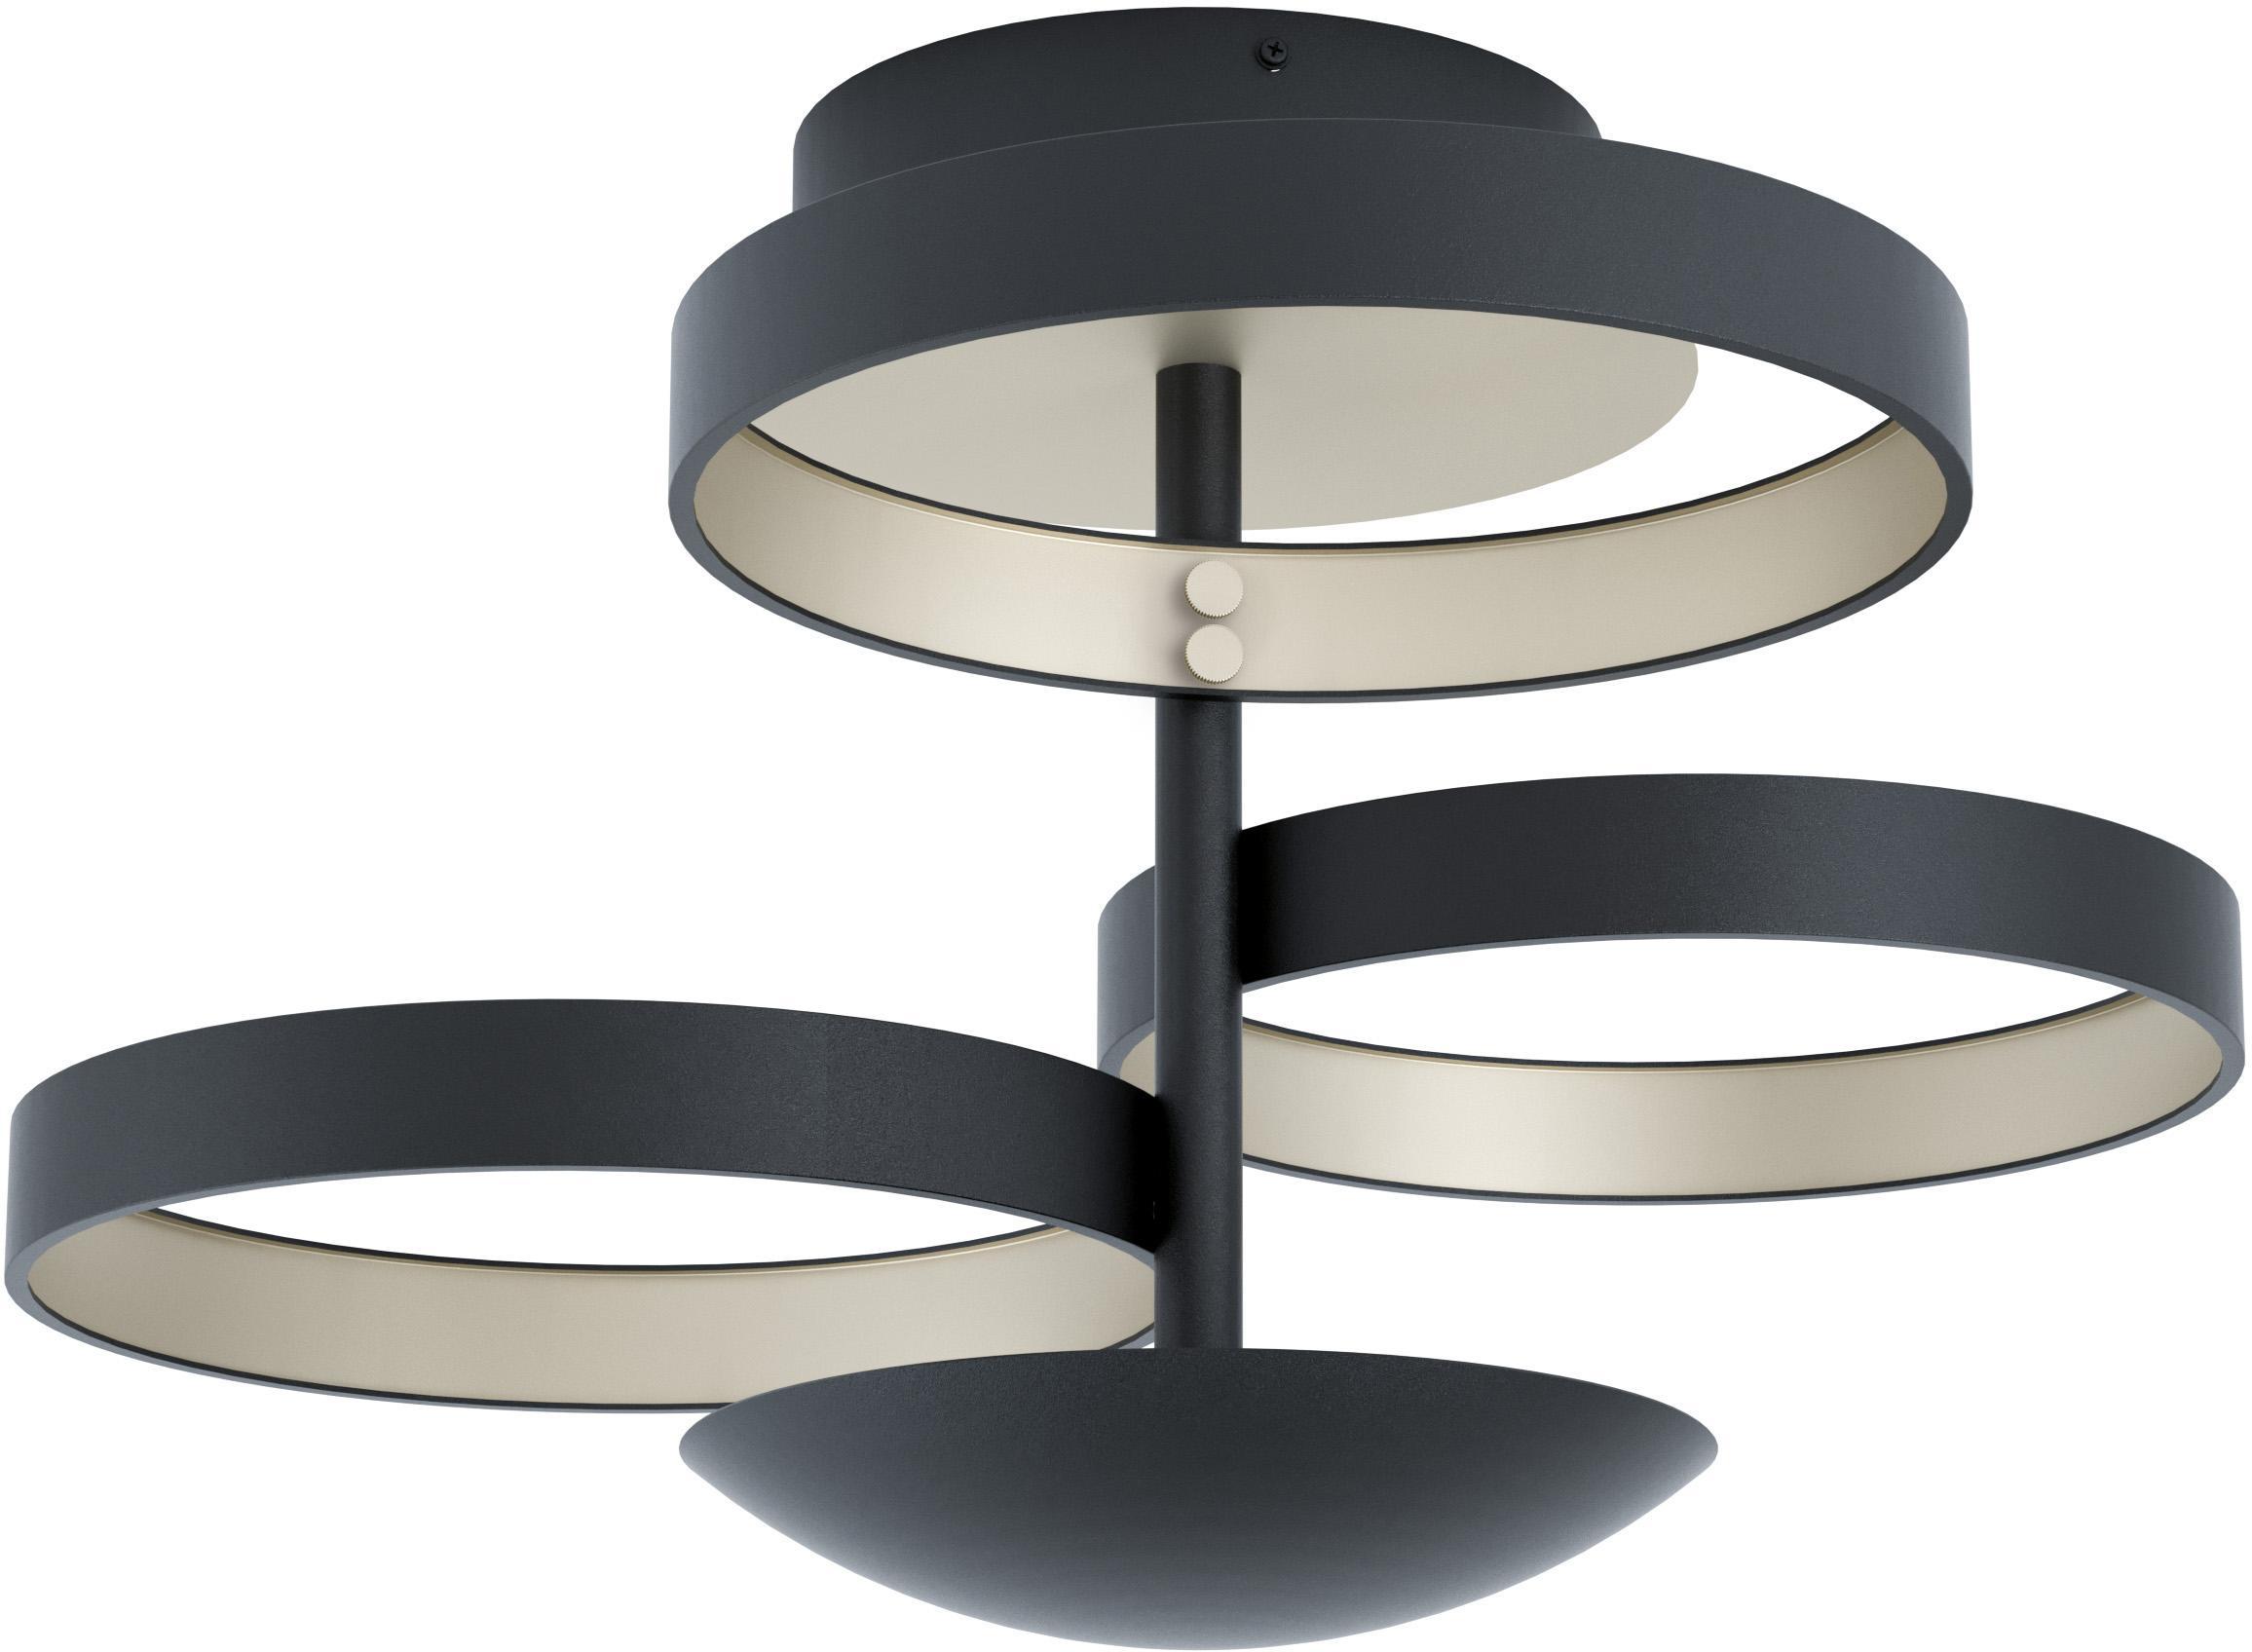 Dimmbare LED Deckenleuchte Gromola, Lampenschirm: Aluminium, lackiert, Baldachin: Aluminium, lackiert, Schwarz, Ø 54 x H 33 cm